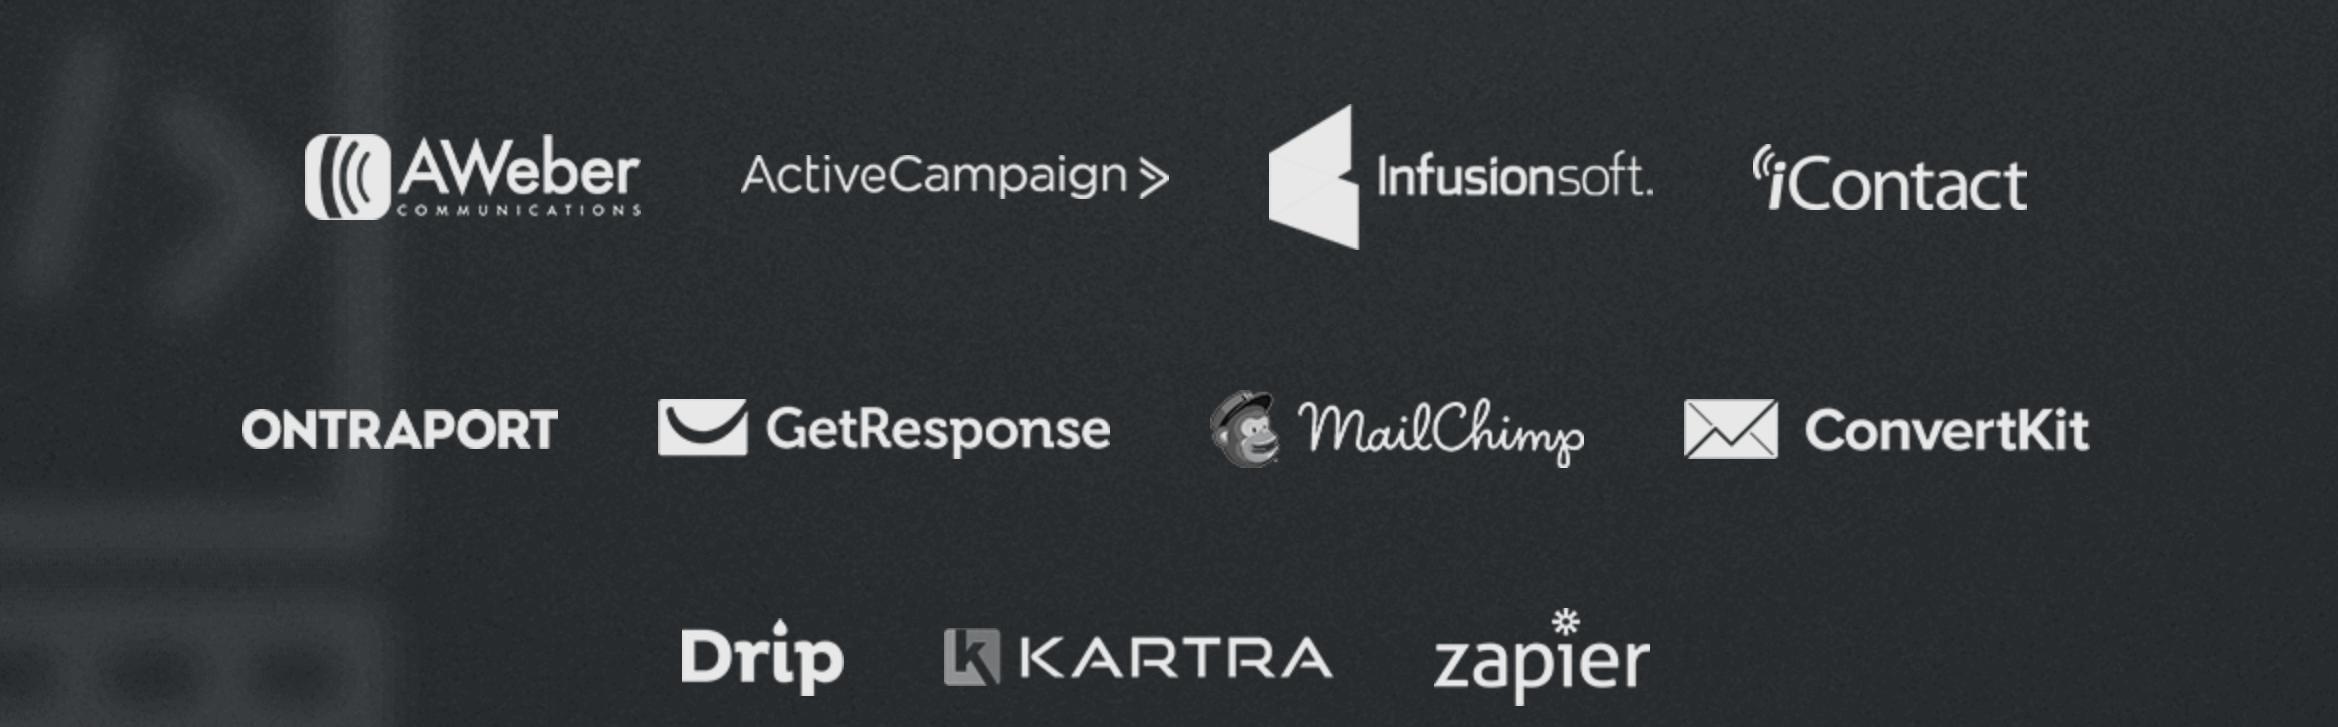 Anbindungsmöglichkeiten von Webinaris diverser Tools